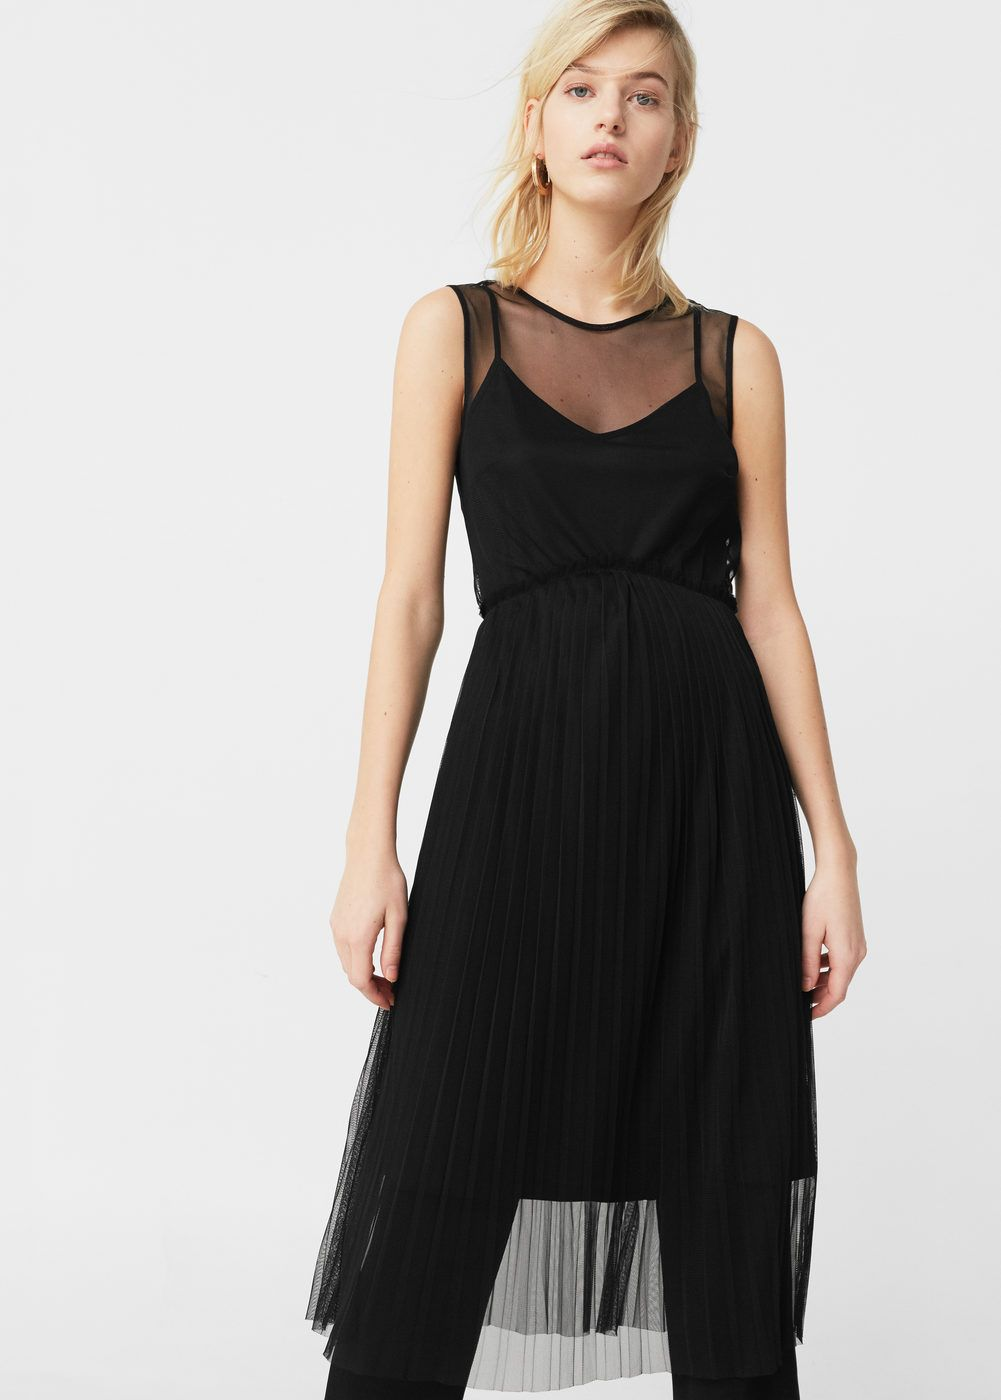 Vestido falda tul - Mujer  45cd68890217